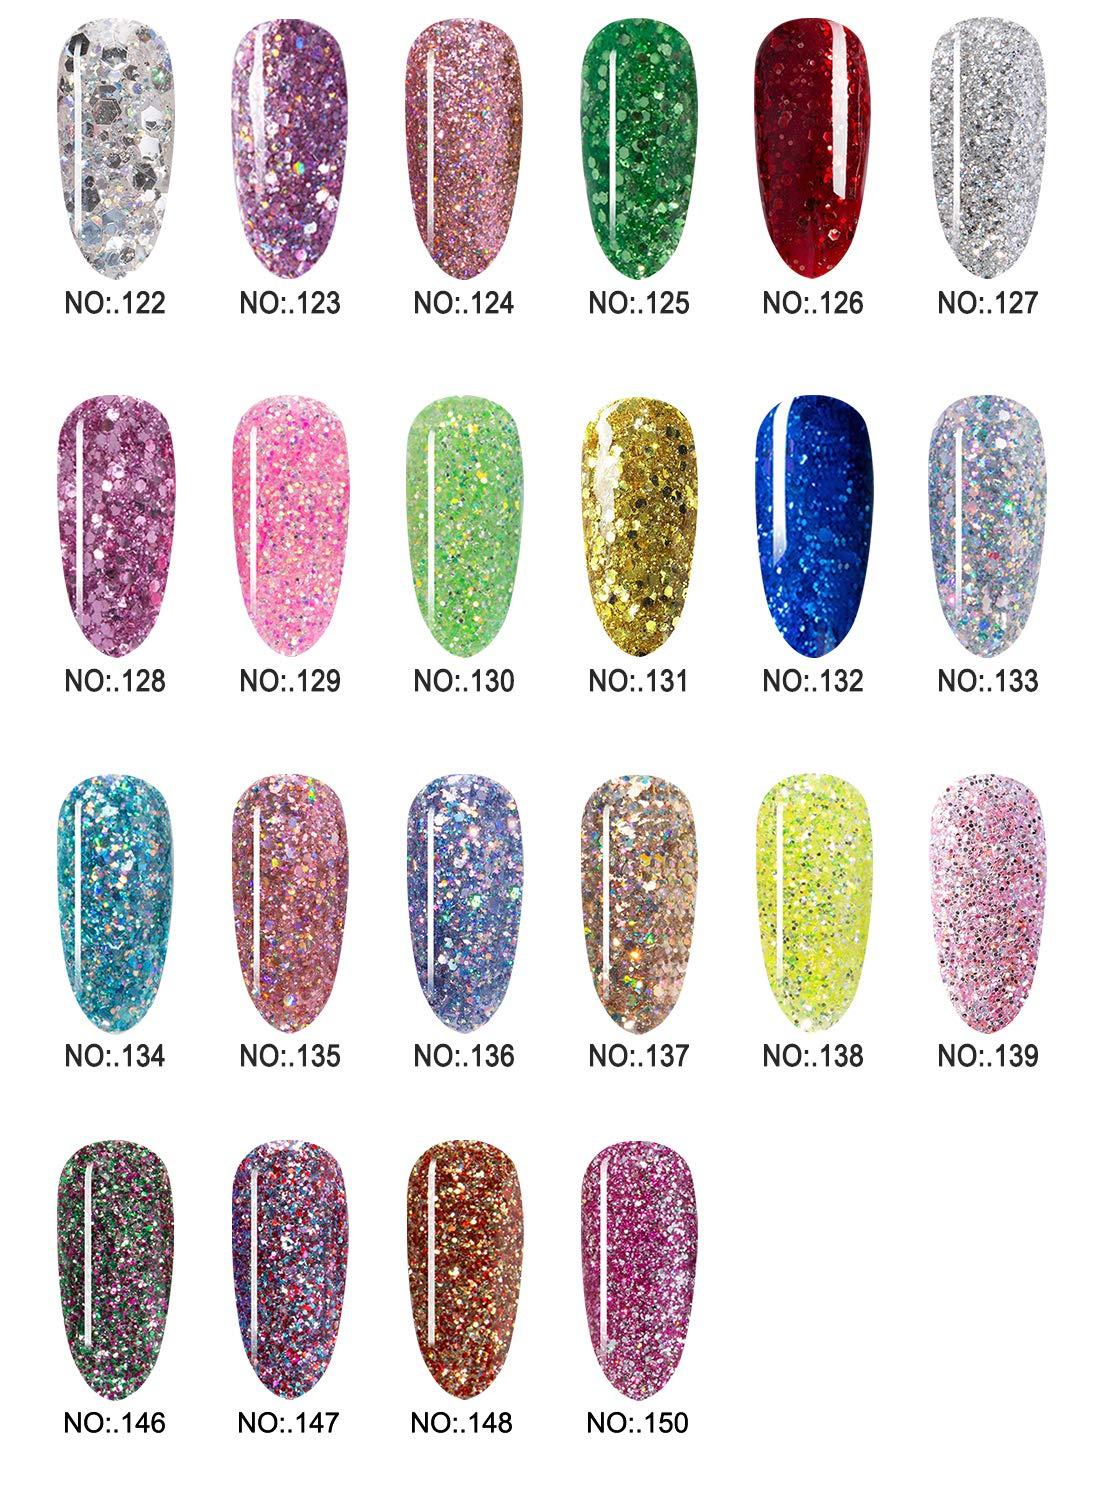 2pcs Pink Sliver series colour shards,shiny glitter salt,Glitter mix,iridescent,Nail Glitter salt,sliver coarse grain,Glitter coarse grain